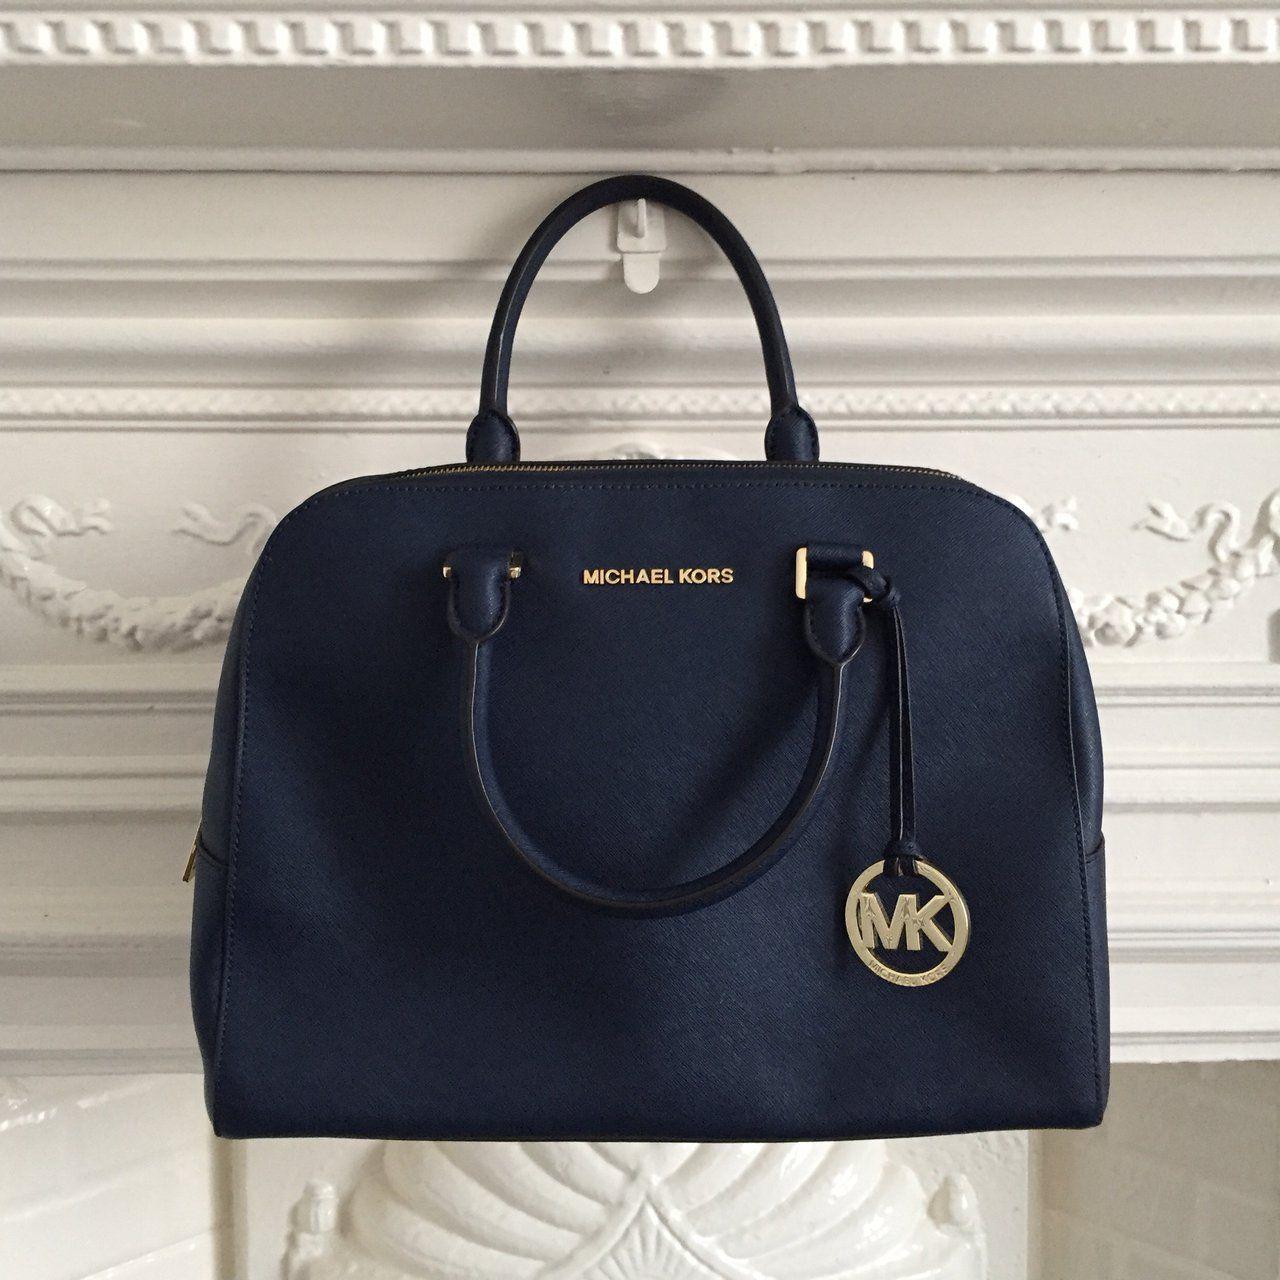 e3e4afe7090d MICHAEL KORS original navy 100% leather handbag/shoulder bag. Comes with a  detachable